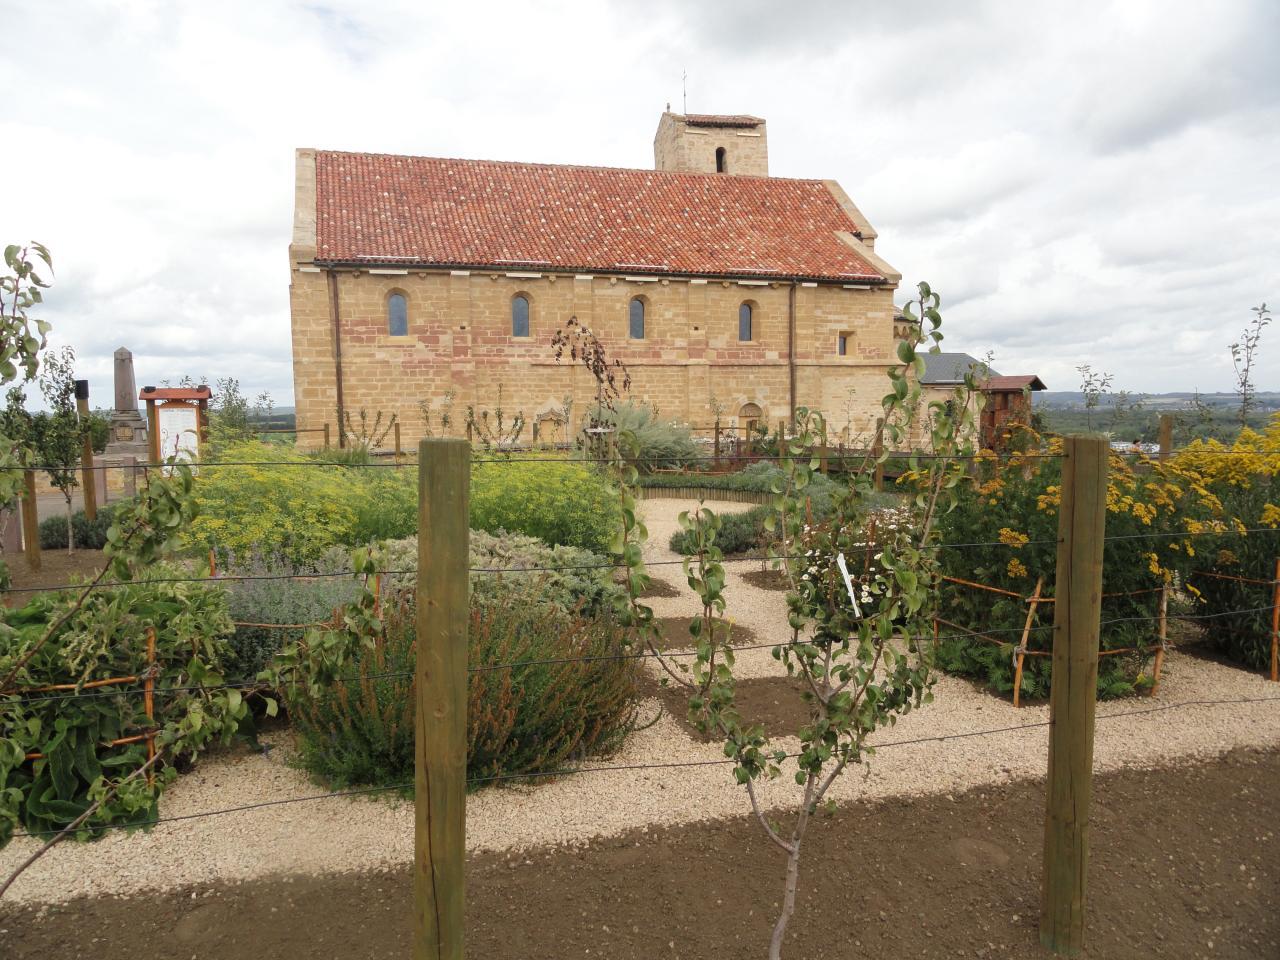 vue de l'herbalurius prise de l'hortus août 2012